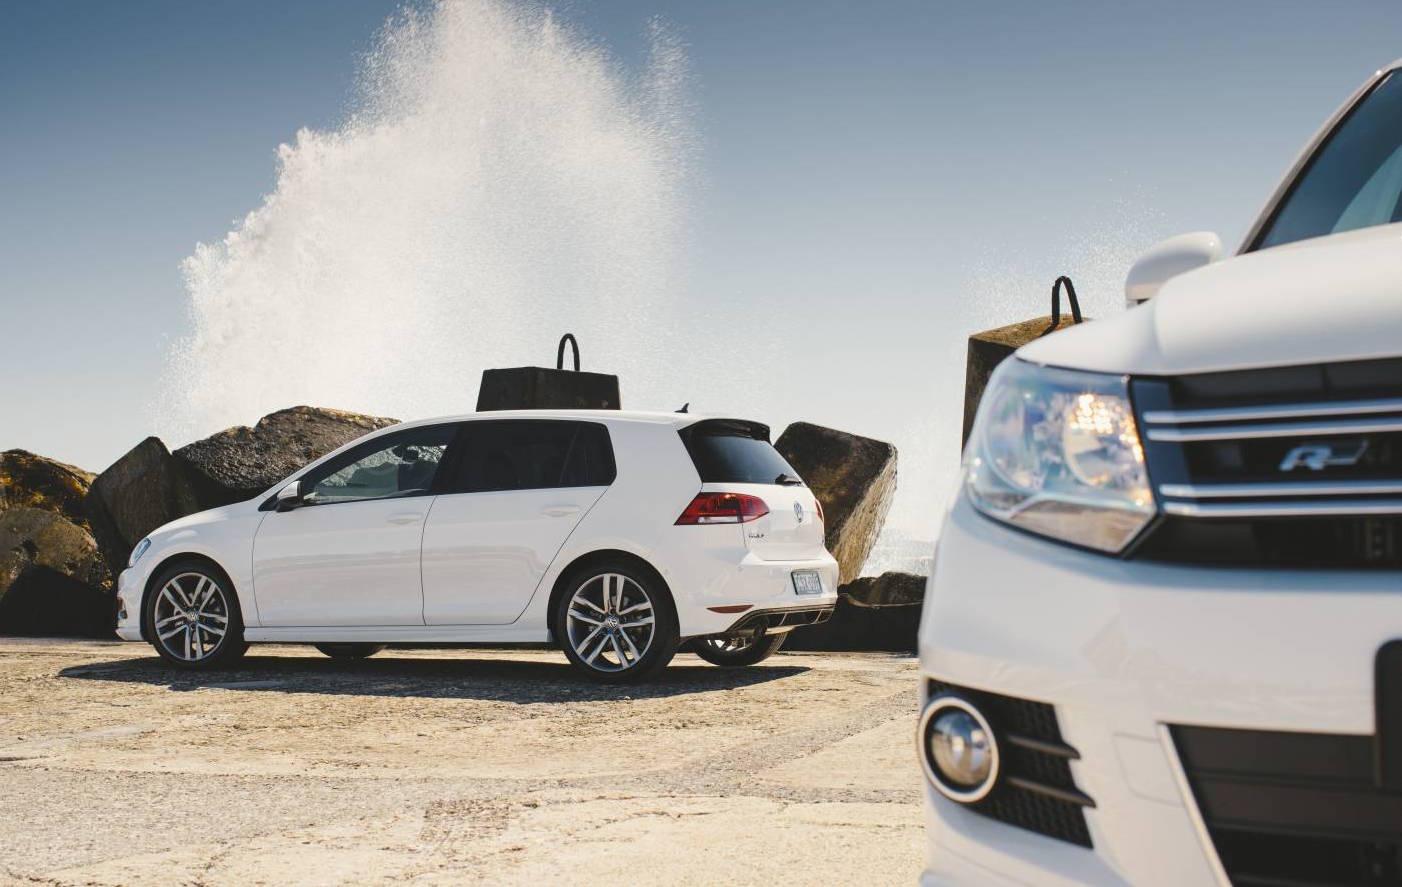 Volkswagen US sales plummet after emissions scandal